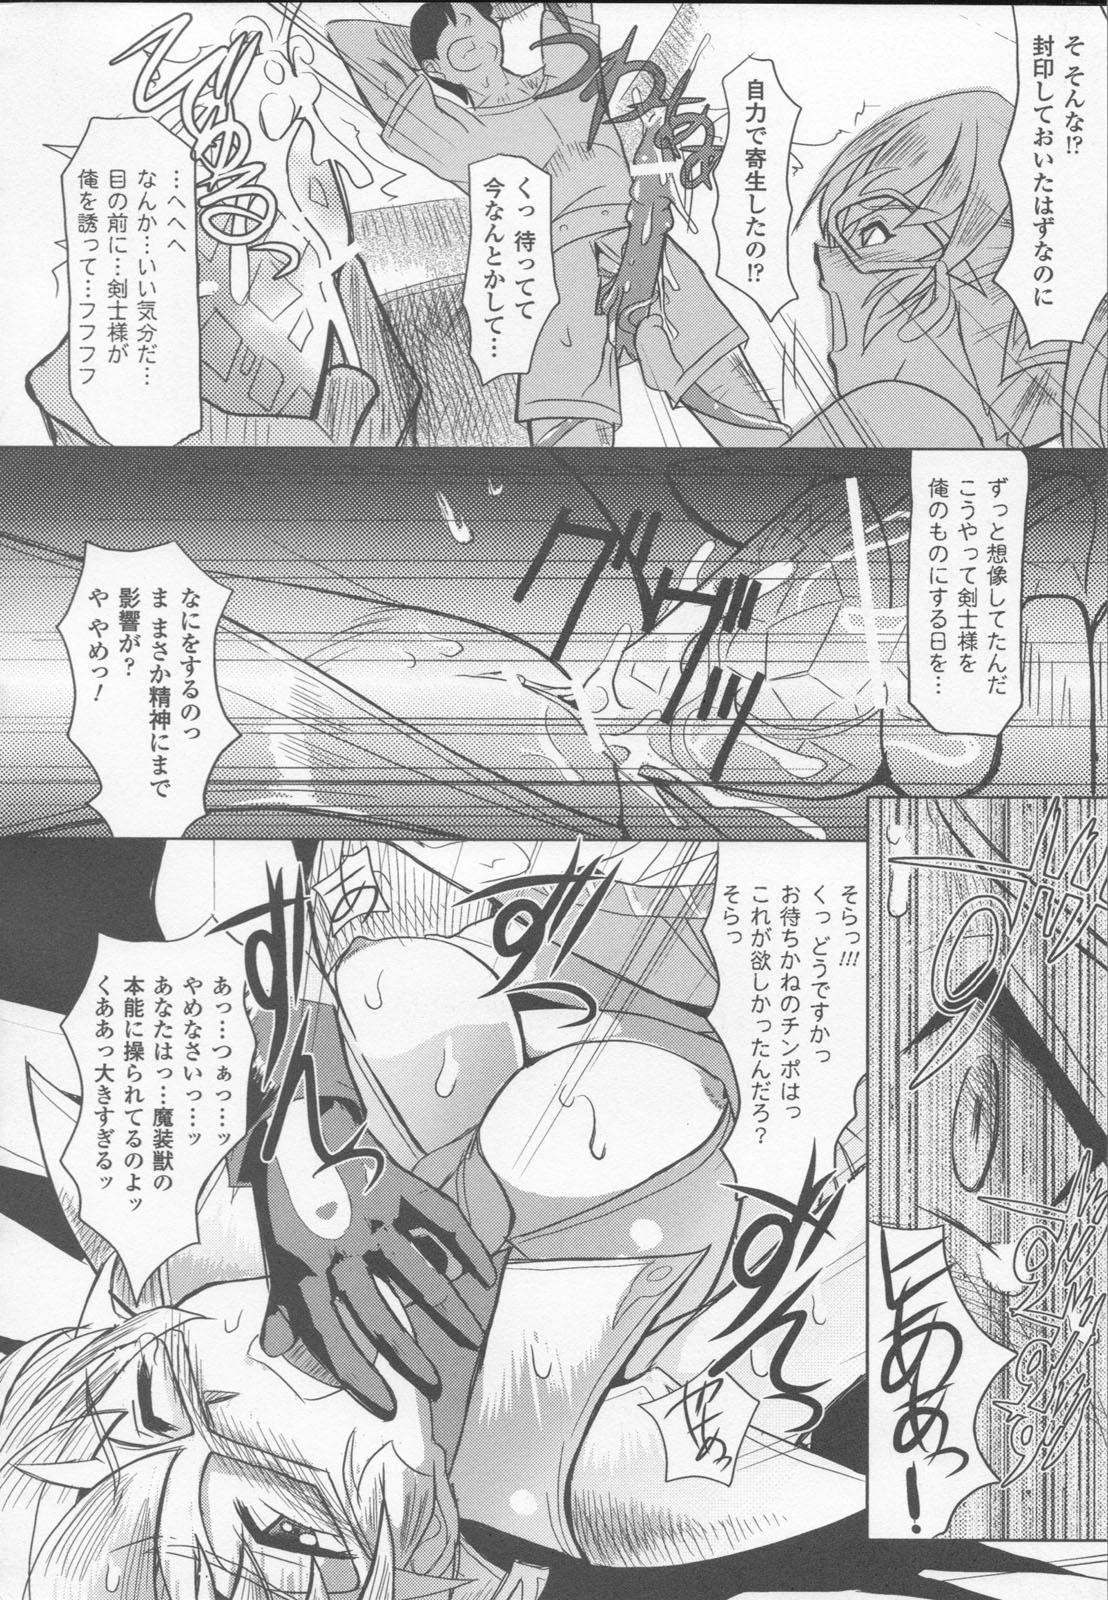 Shirayuri no Kenshi Anthology Comics 119